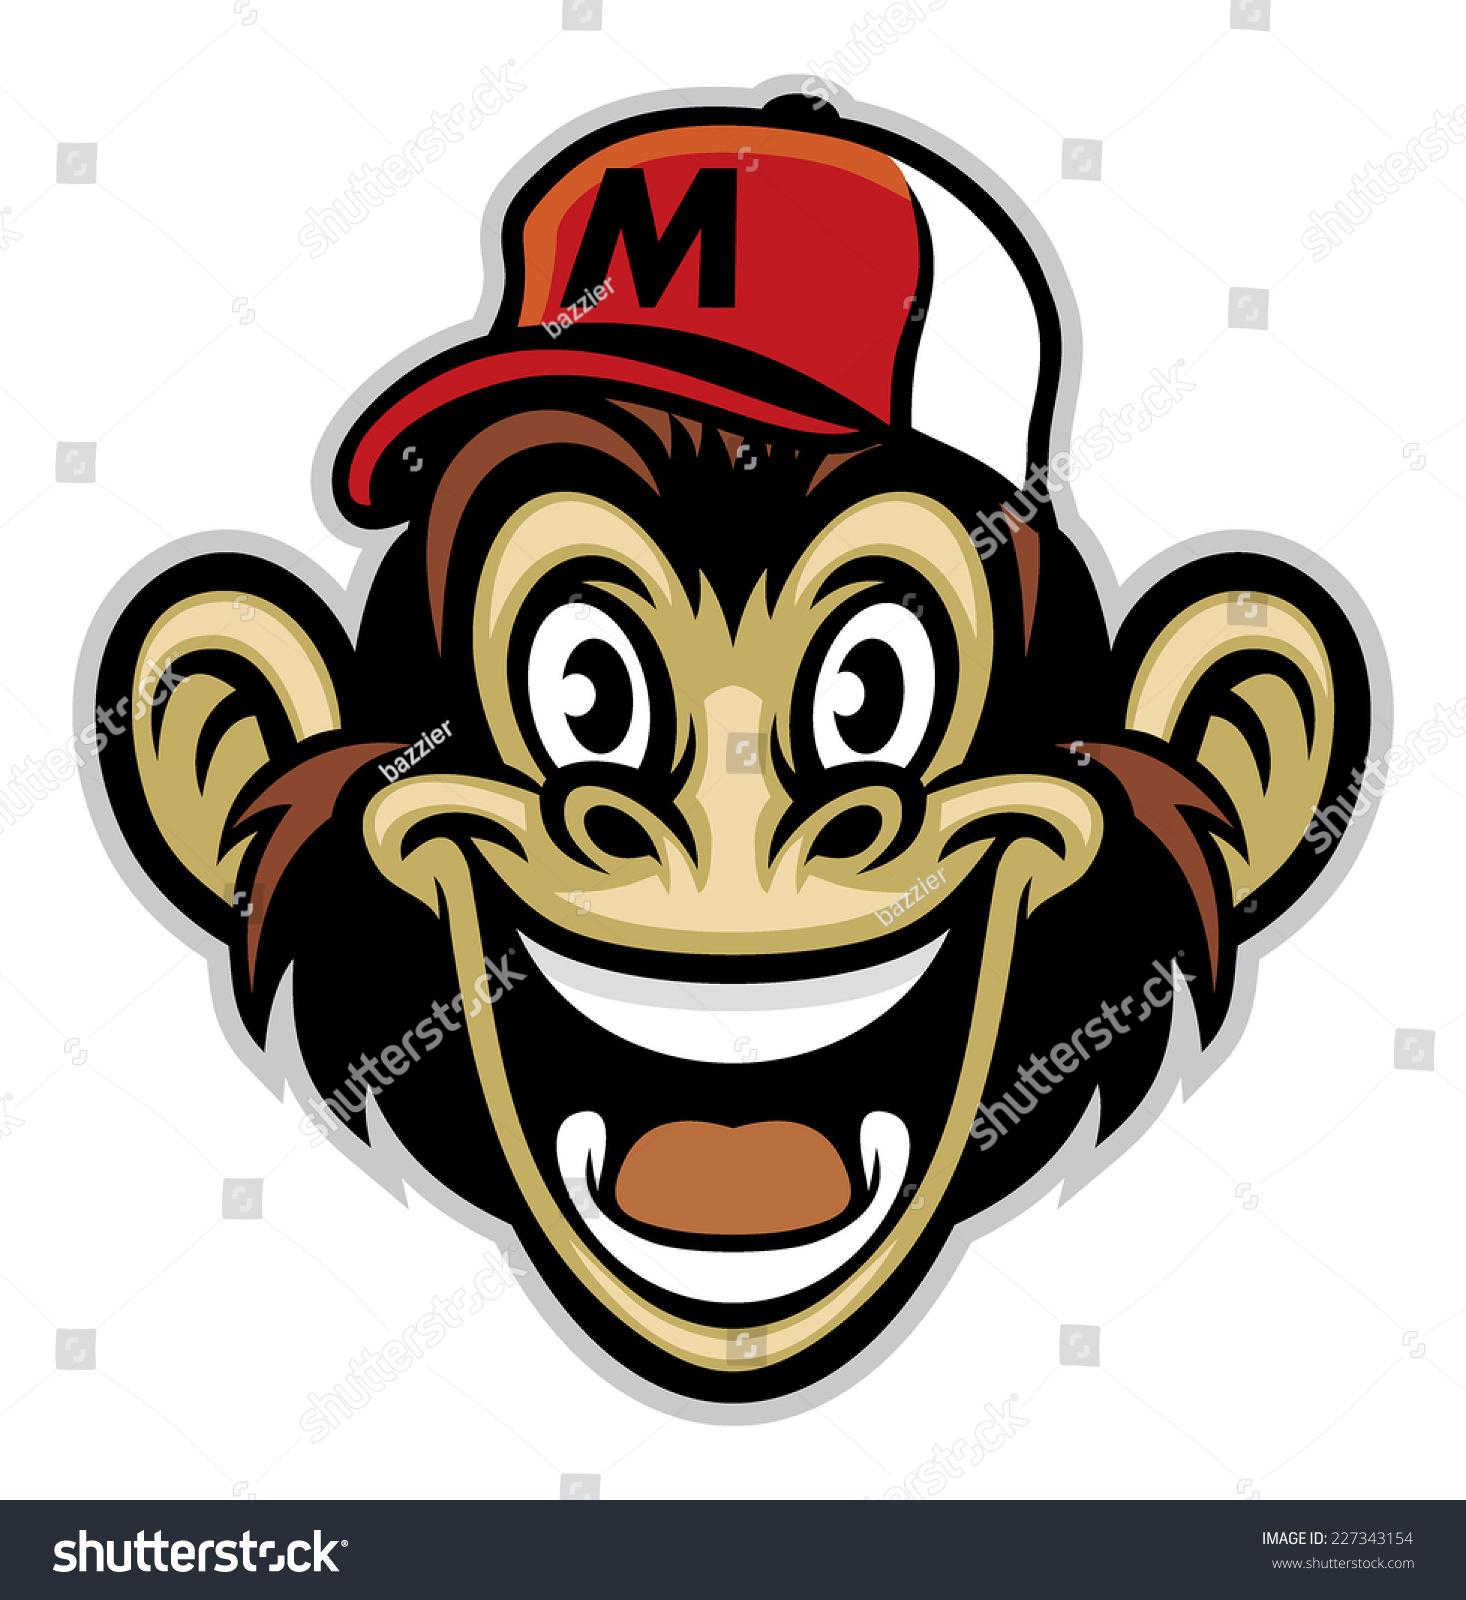 卡通的猴子的脸-动物/野生生物-海洛创意(hellorf)--.